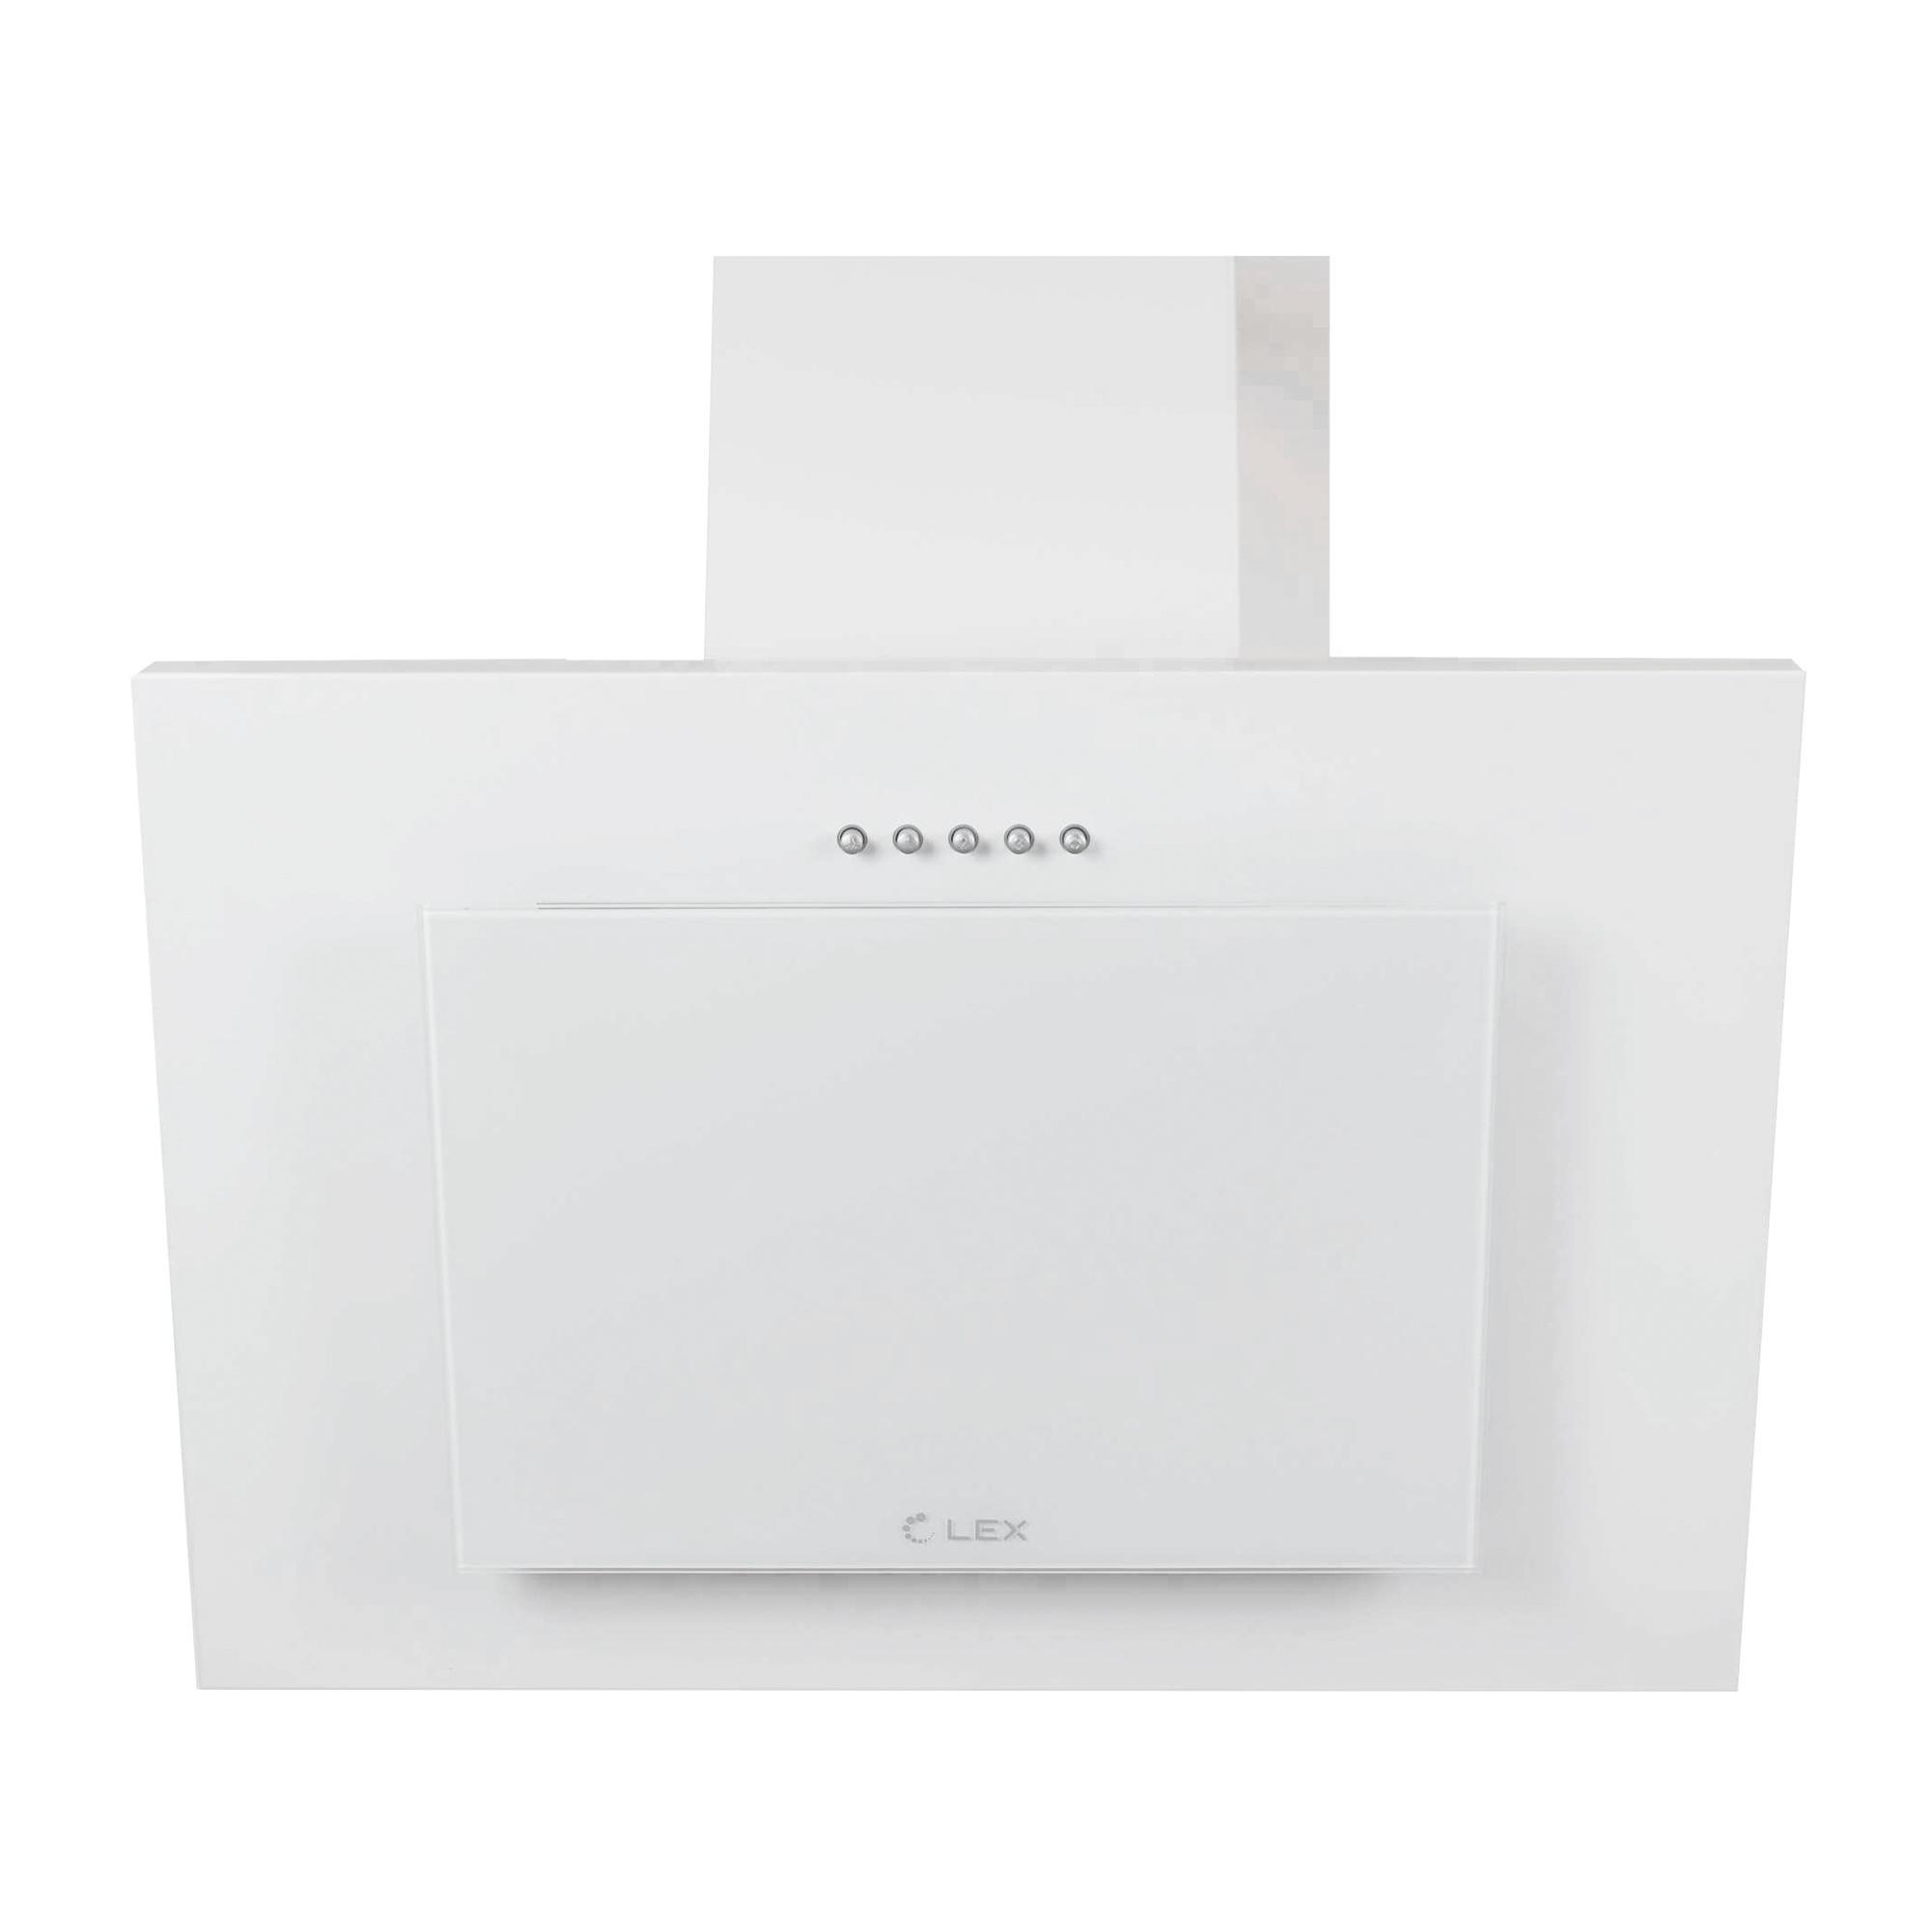 LEX Mini 500 White